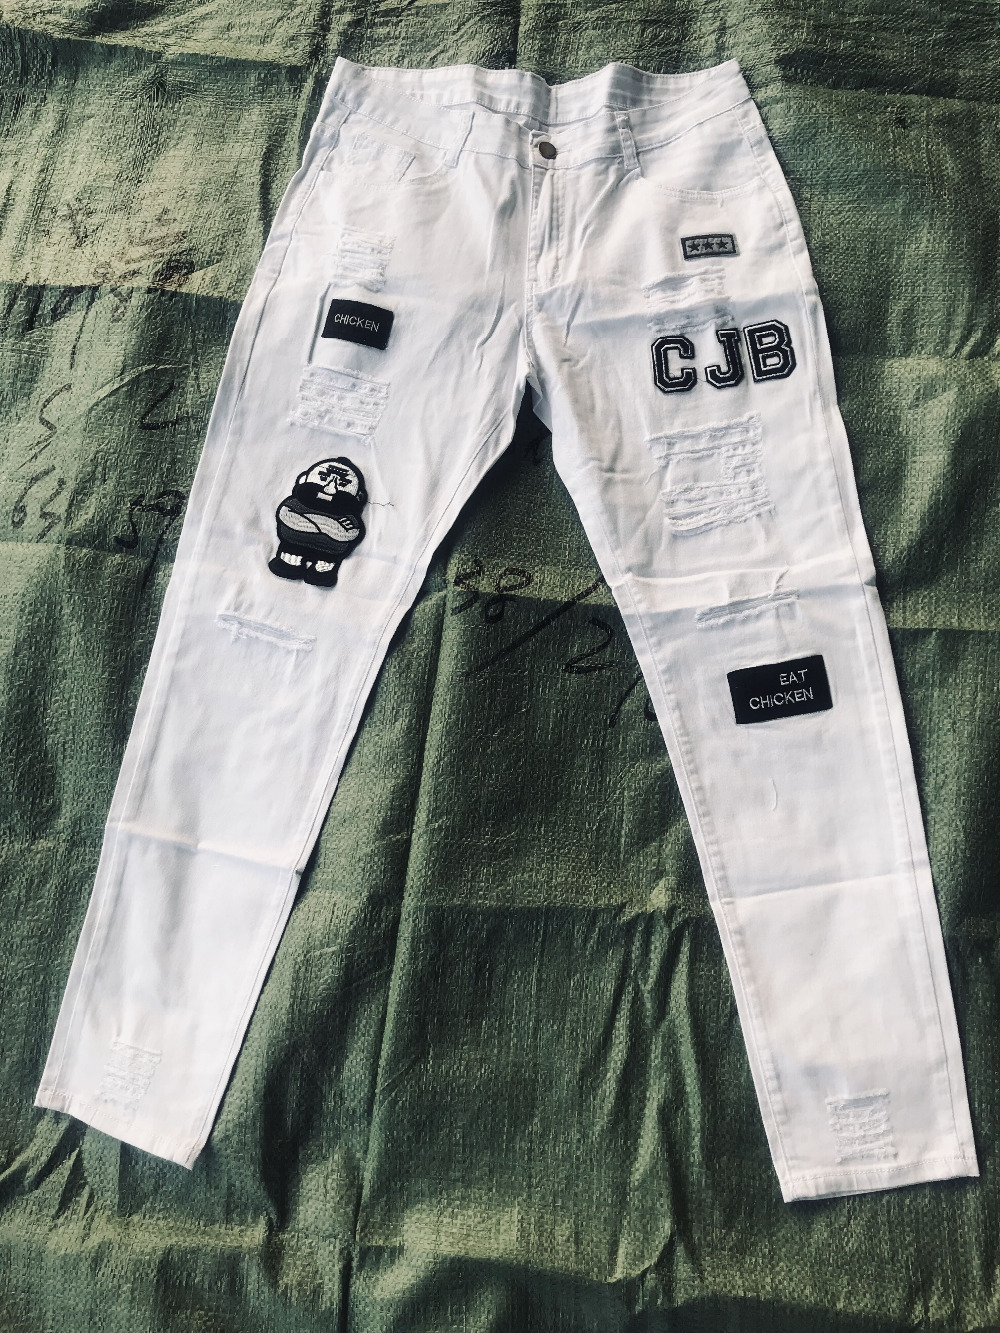 Мужчины's мода старинные разорвал джинсы супер тощий slim fit молнии джинсовые брюки уничтожено потертые брюки мультфильм готический стиль брюки